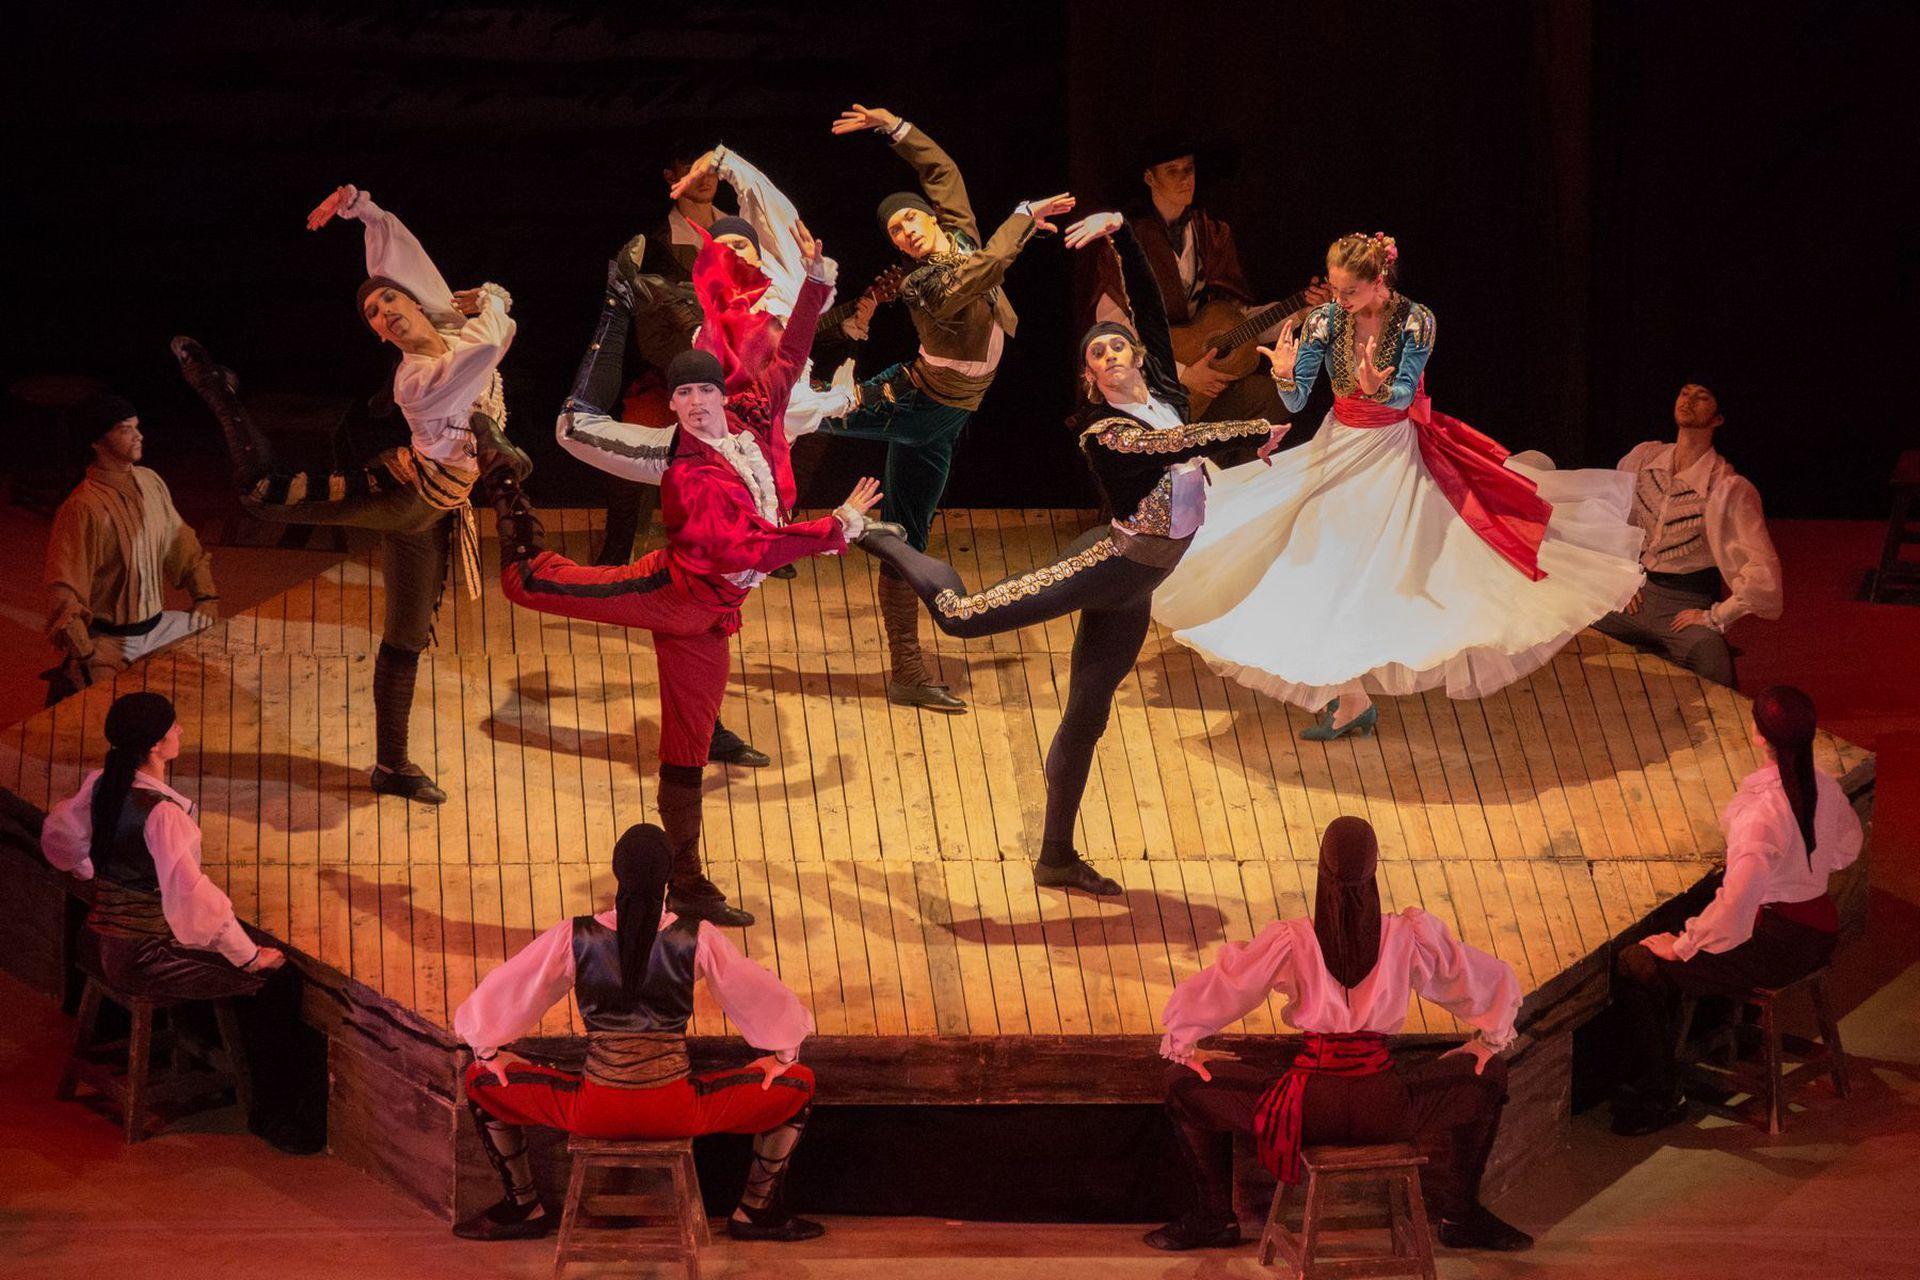 Выпускной вечер Академии русского балета им. А.Я. Вагановой в Мариинском театре